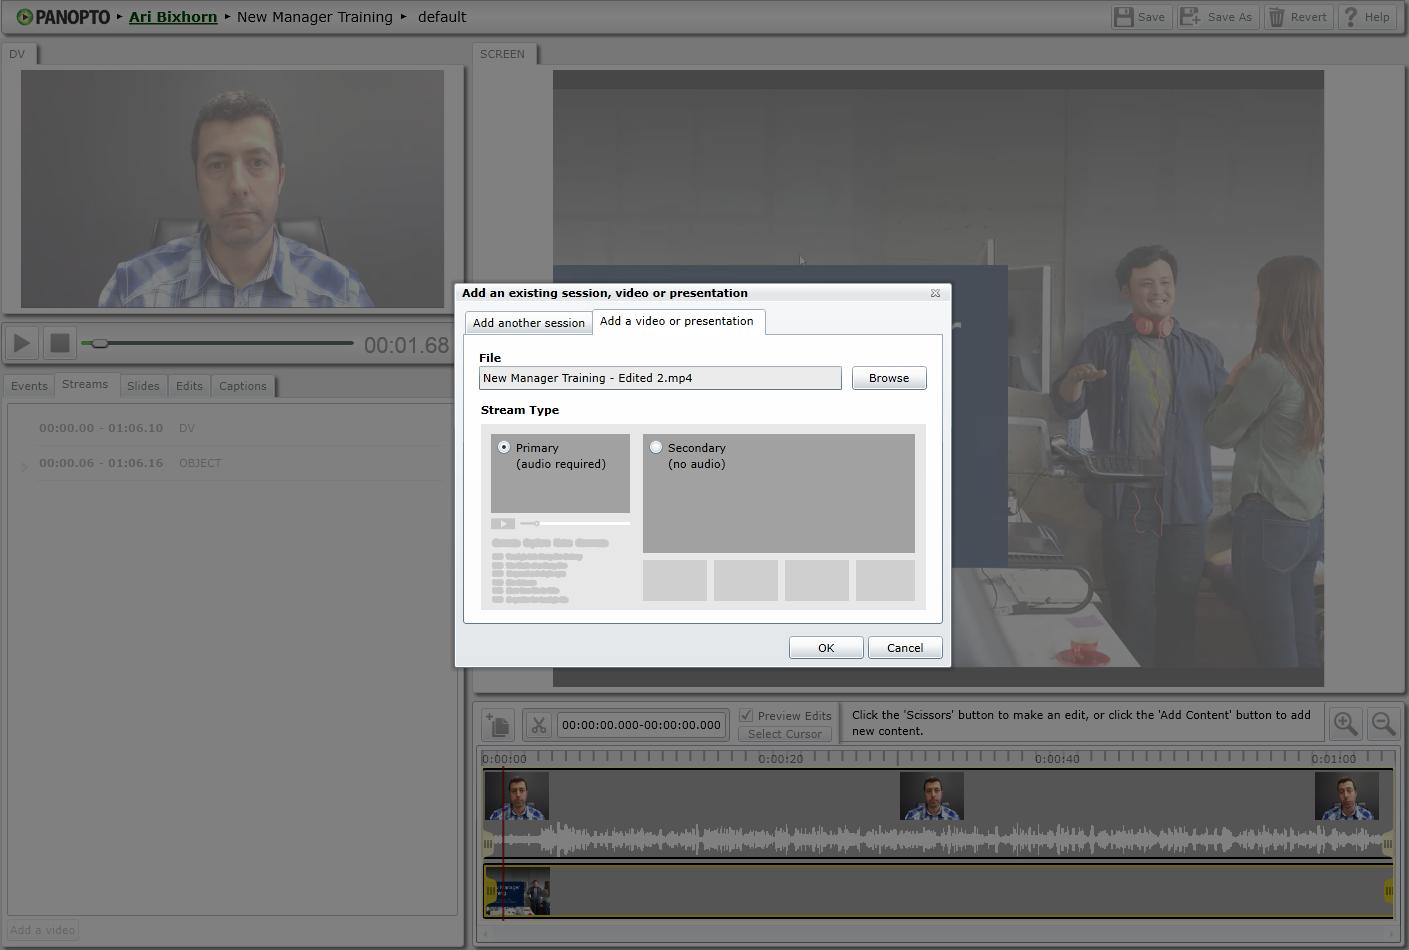 편집자-비디오 선택-Panopto 엔터프라이즈 비디오 플랫폼